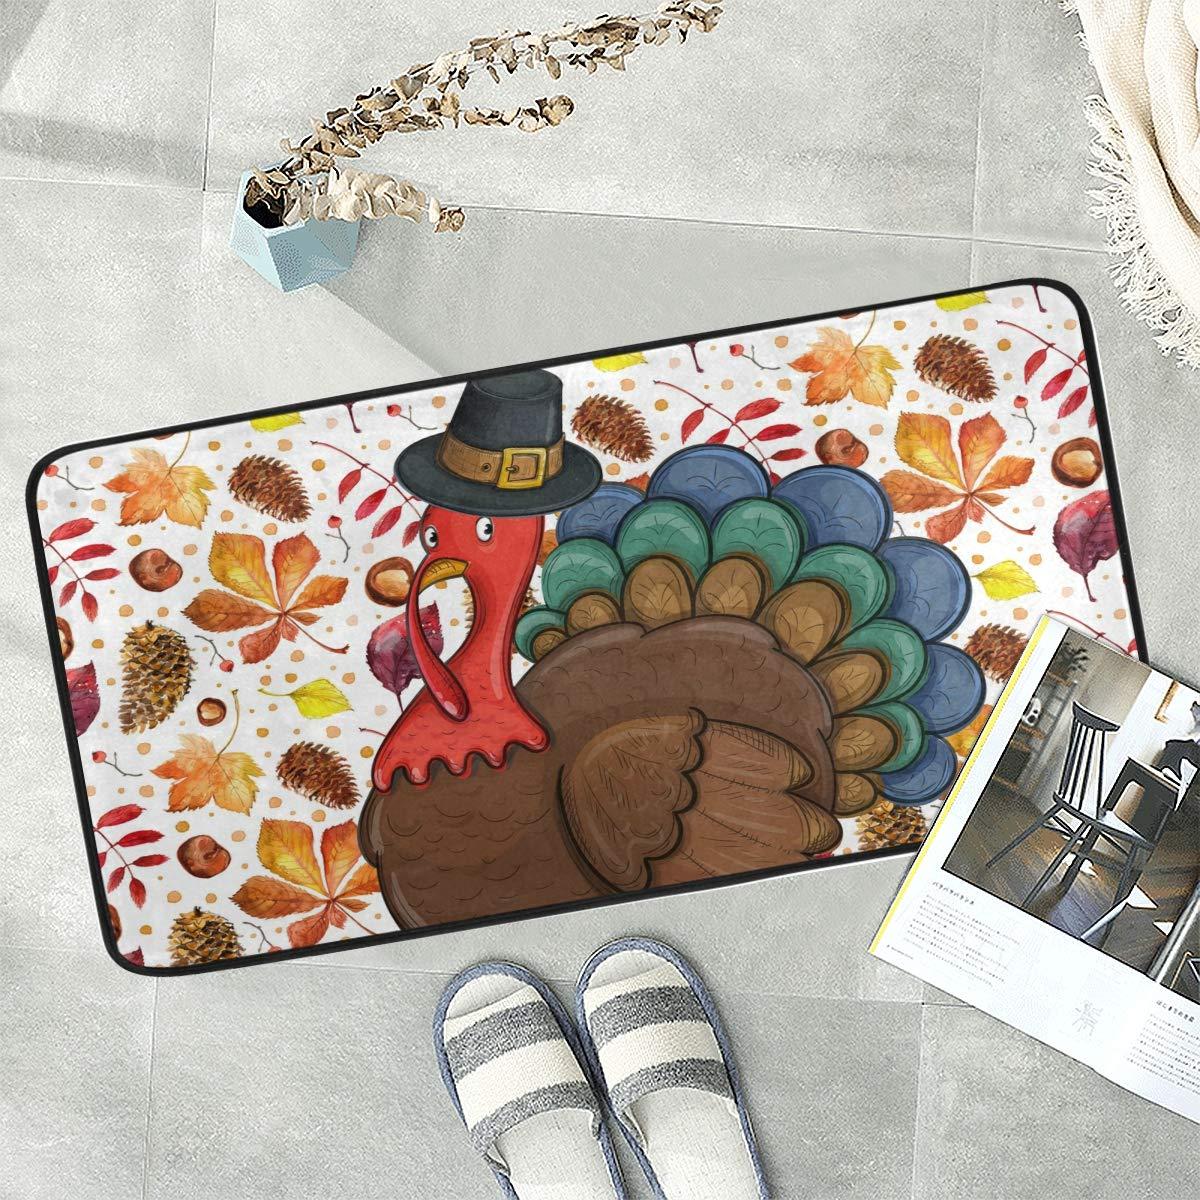 Naanle Thanksgiving Anti Fatigue Kitchen Floor Mat, Watercolor Turkey Maple Non Slip Absorbent Comfort Standing Mat Kitchen Runner Rug for Hallway Entryway Bathroom Living Room Bedroom 39 x 20 Inches